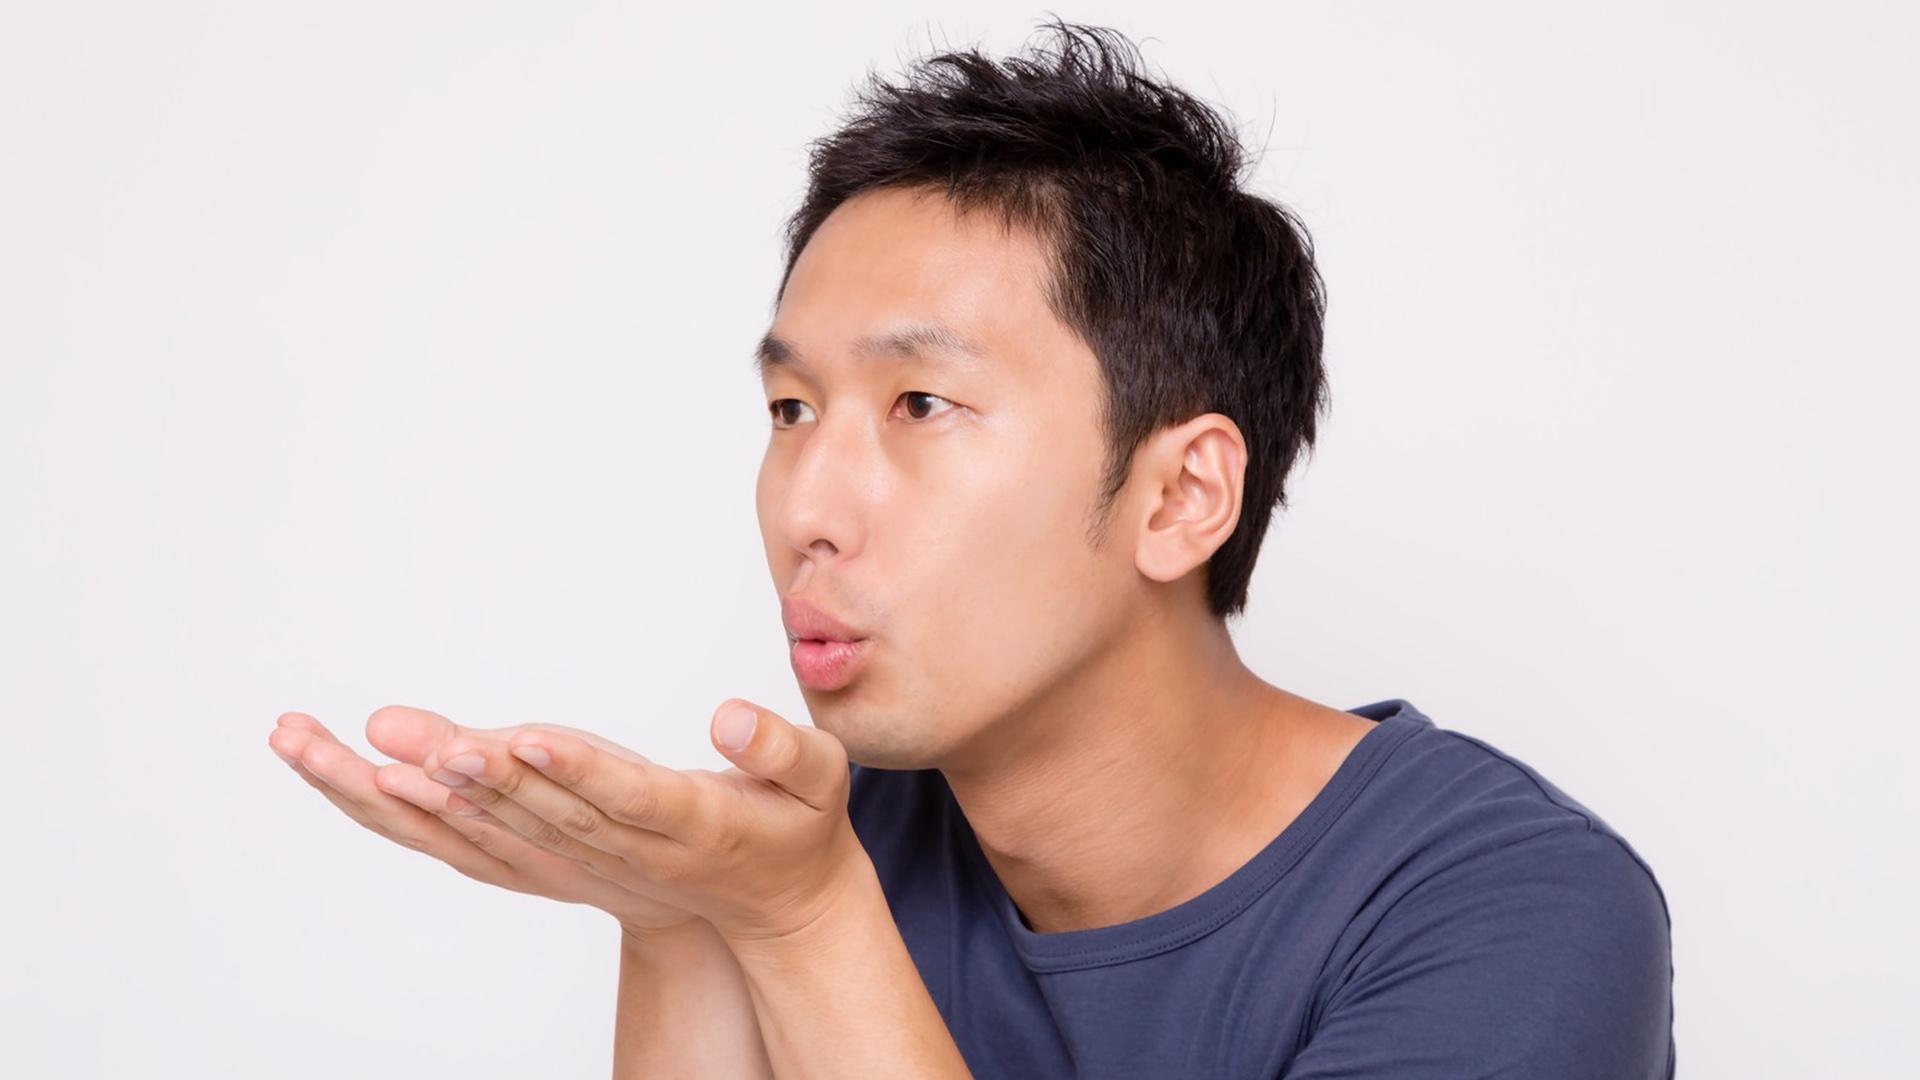 【メンズ必見】なぜ男は口臭が発生するの?口臭ケアの方法とは?